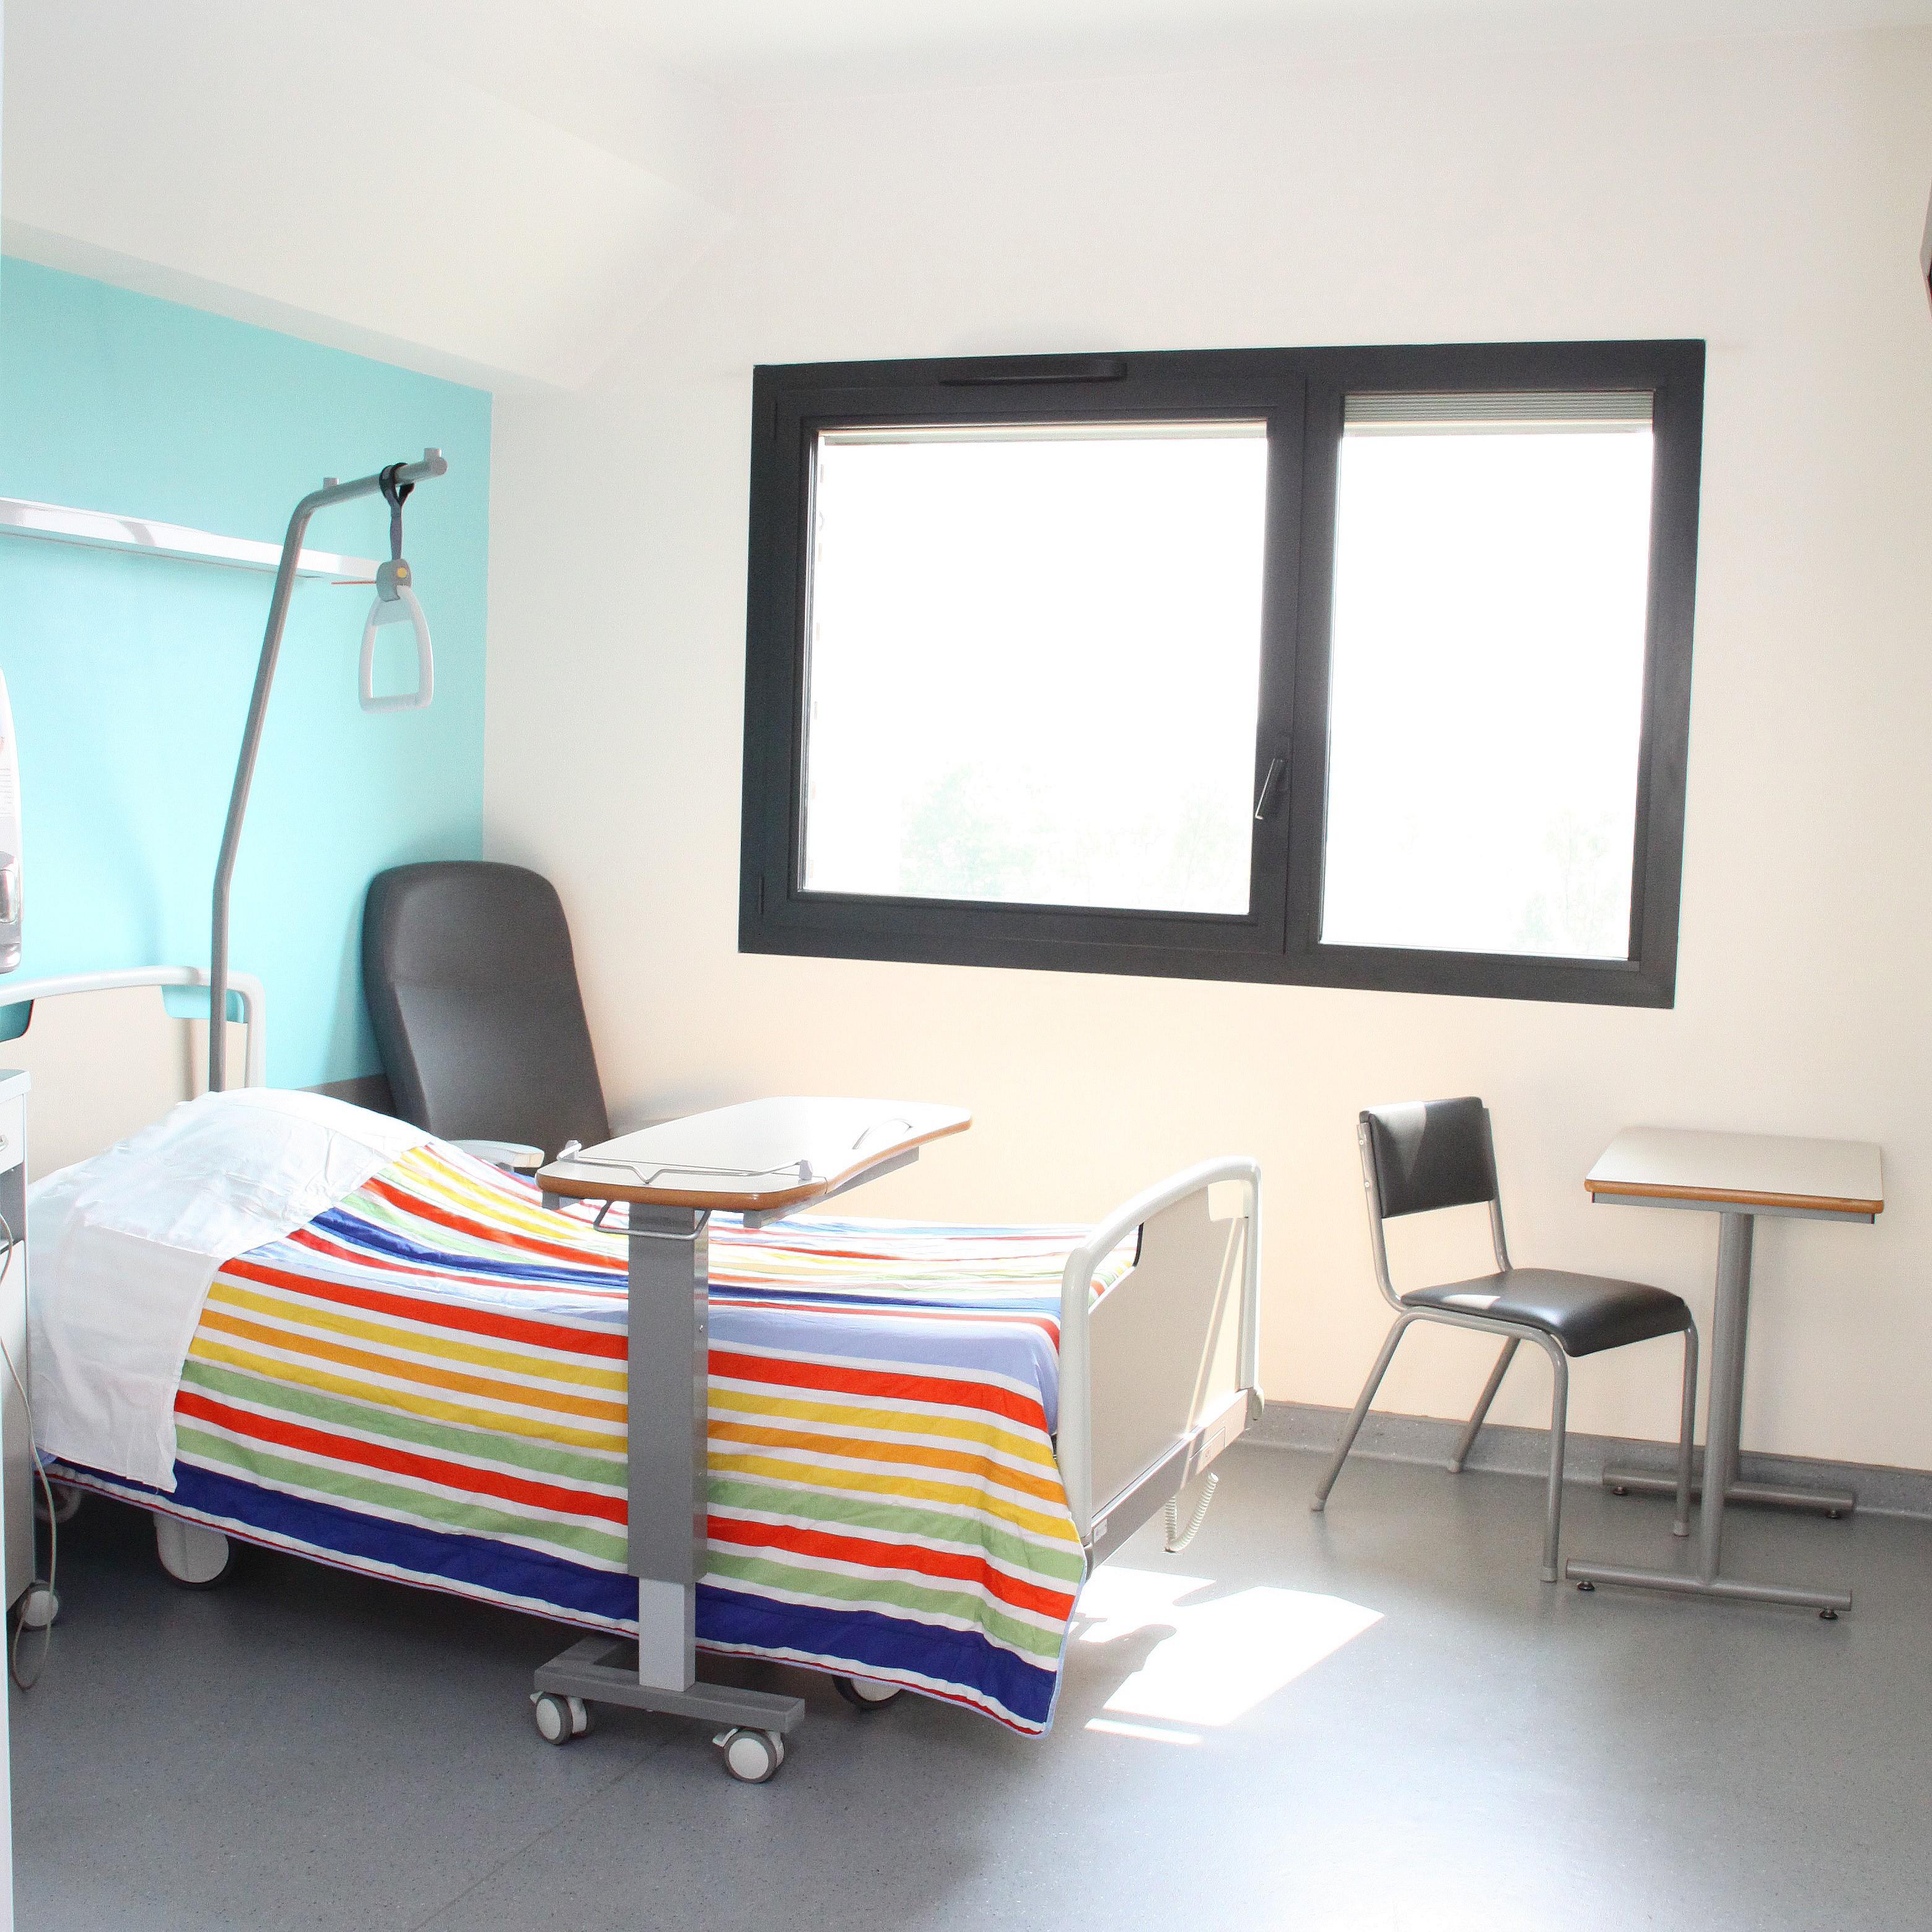 Votre confort ghm - Groupe hospitalier les portes du sud ...